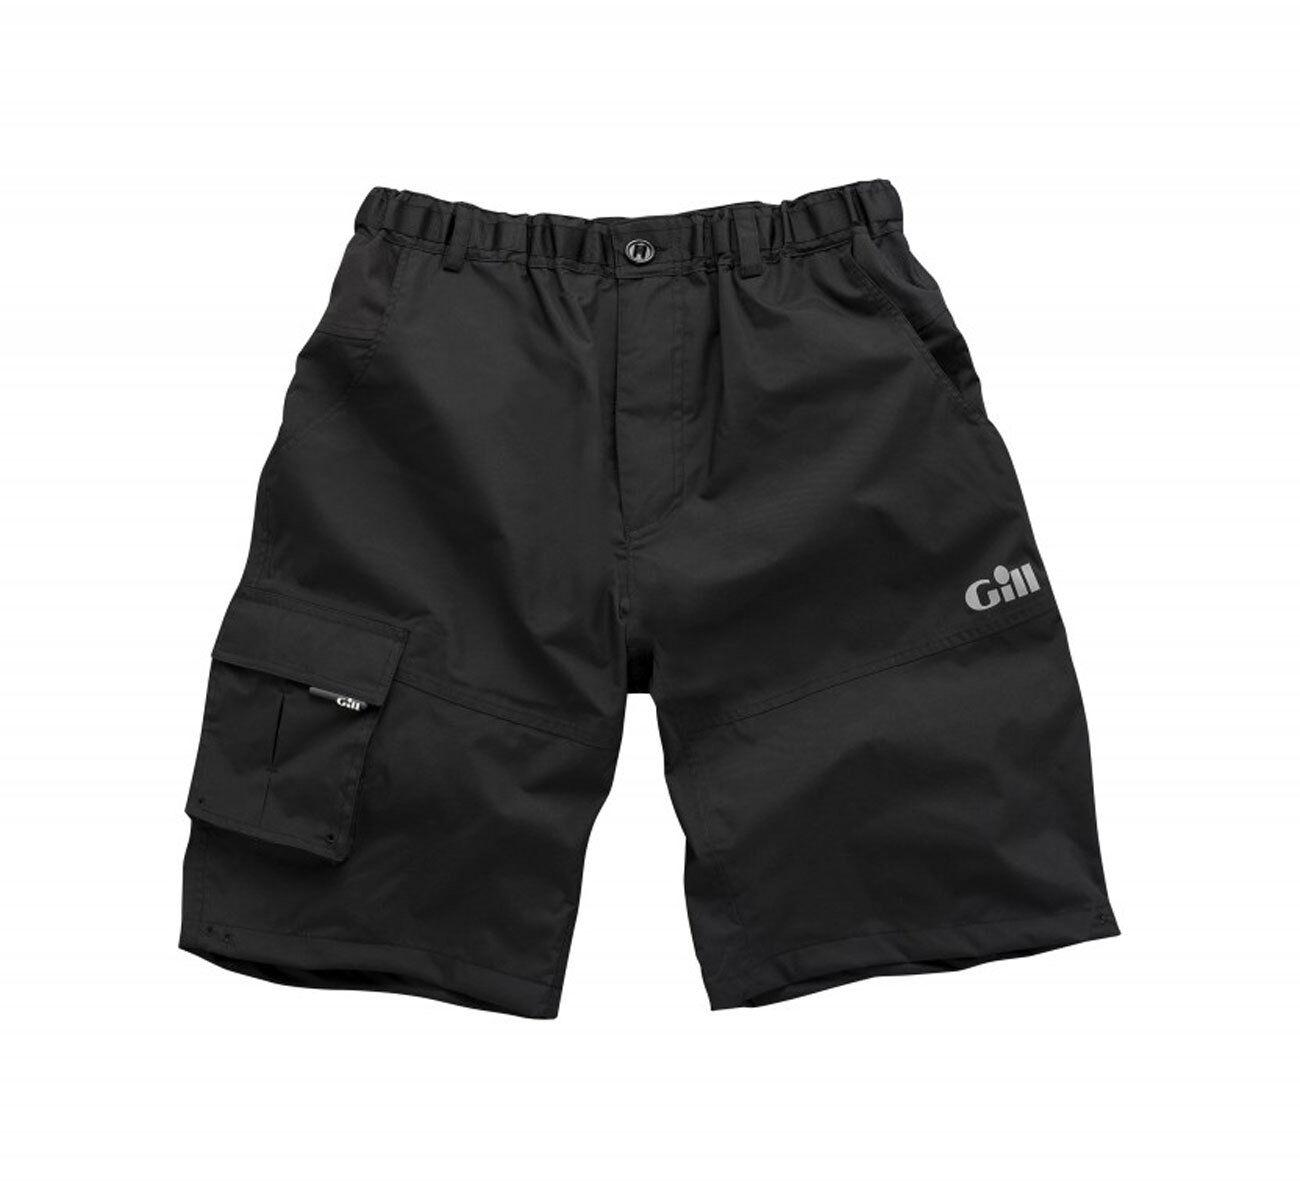 Gill kurze atmungsaktive Unisex Segelhose wasserdichte atmungsaktive kurze Shorts für Wassersport 47f749